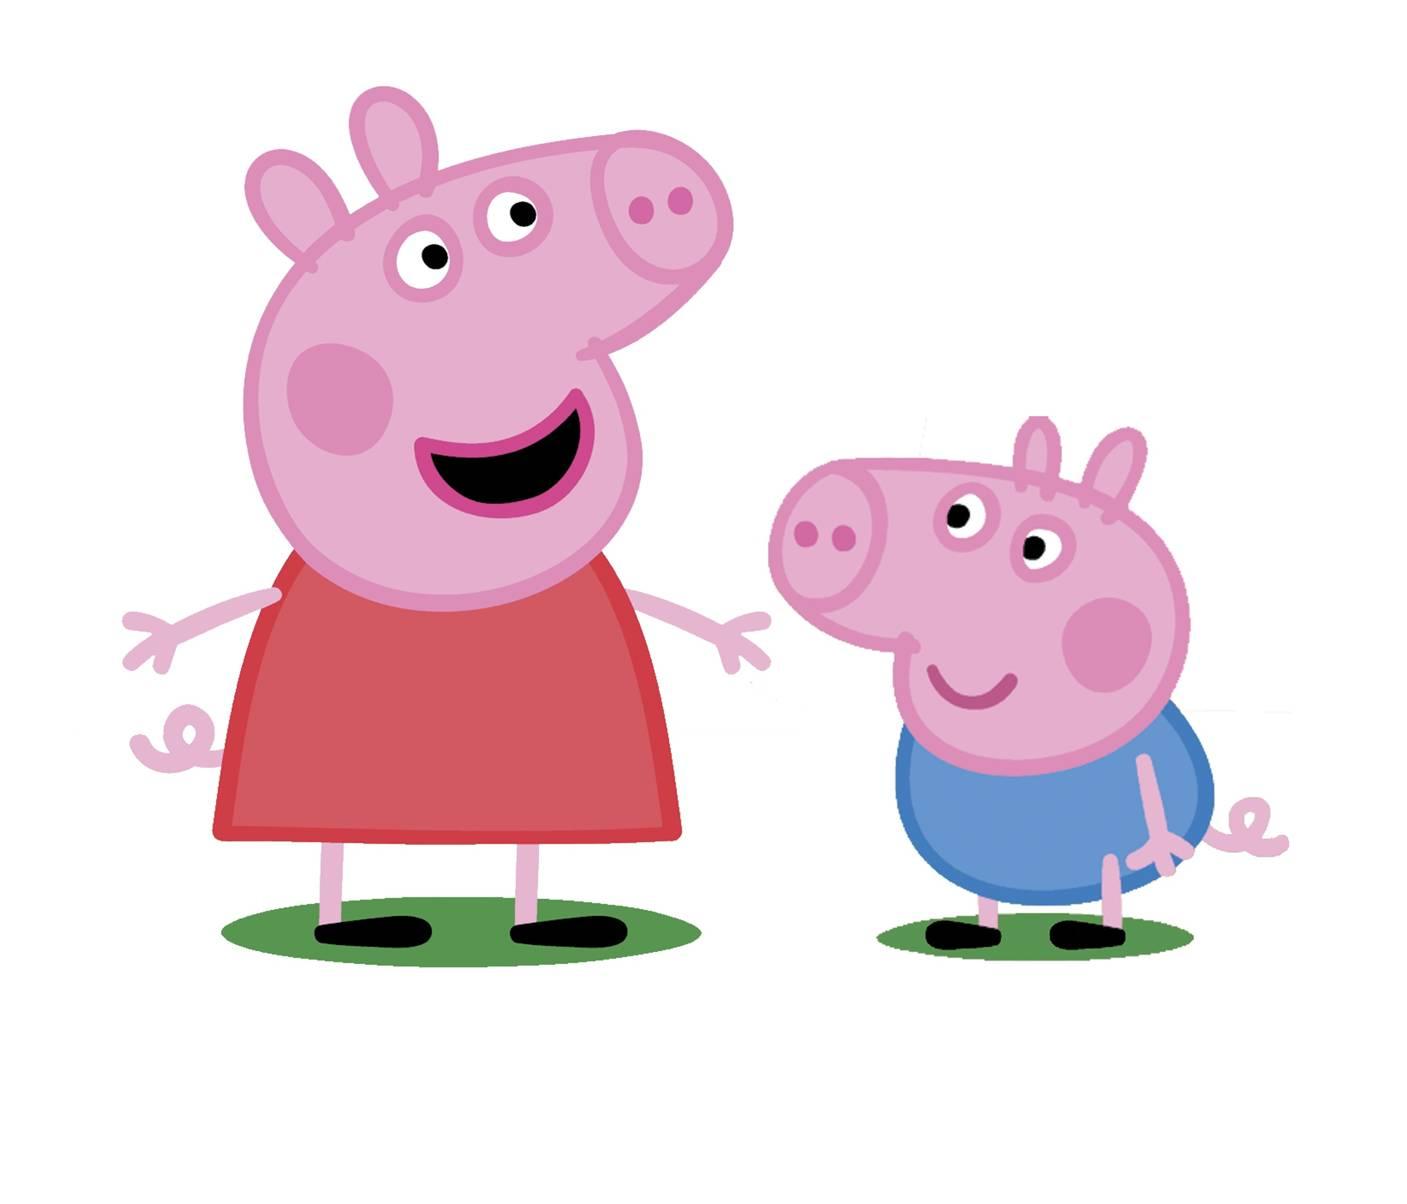 Image peppa and george jpg peppa pig wiki